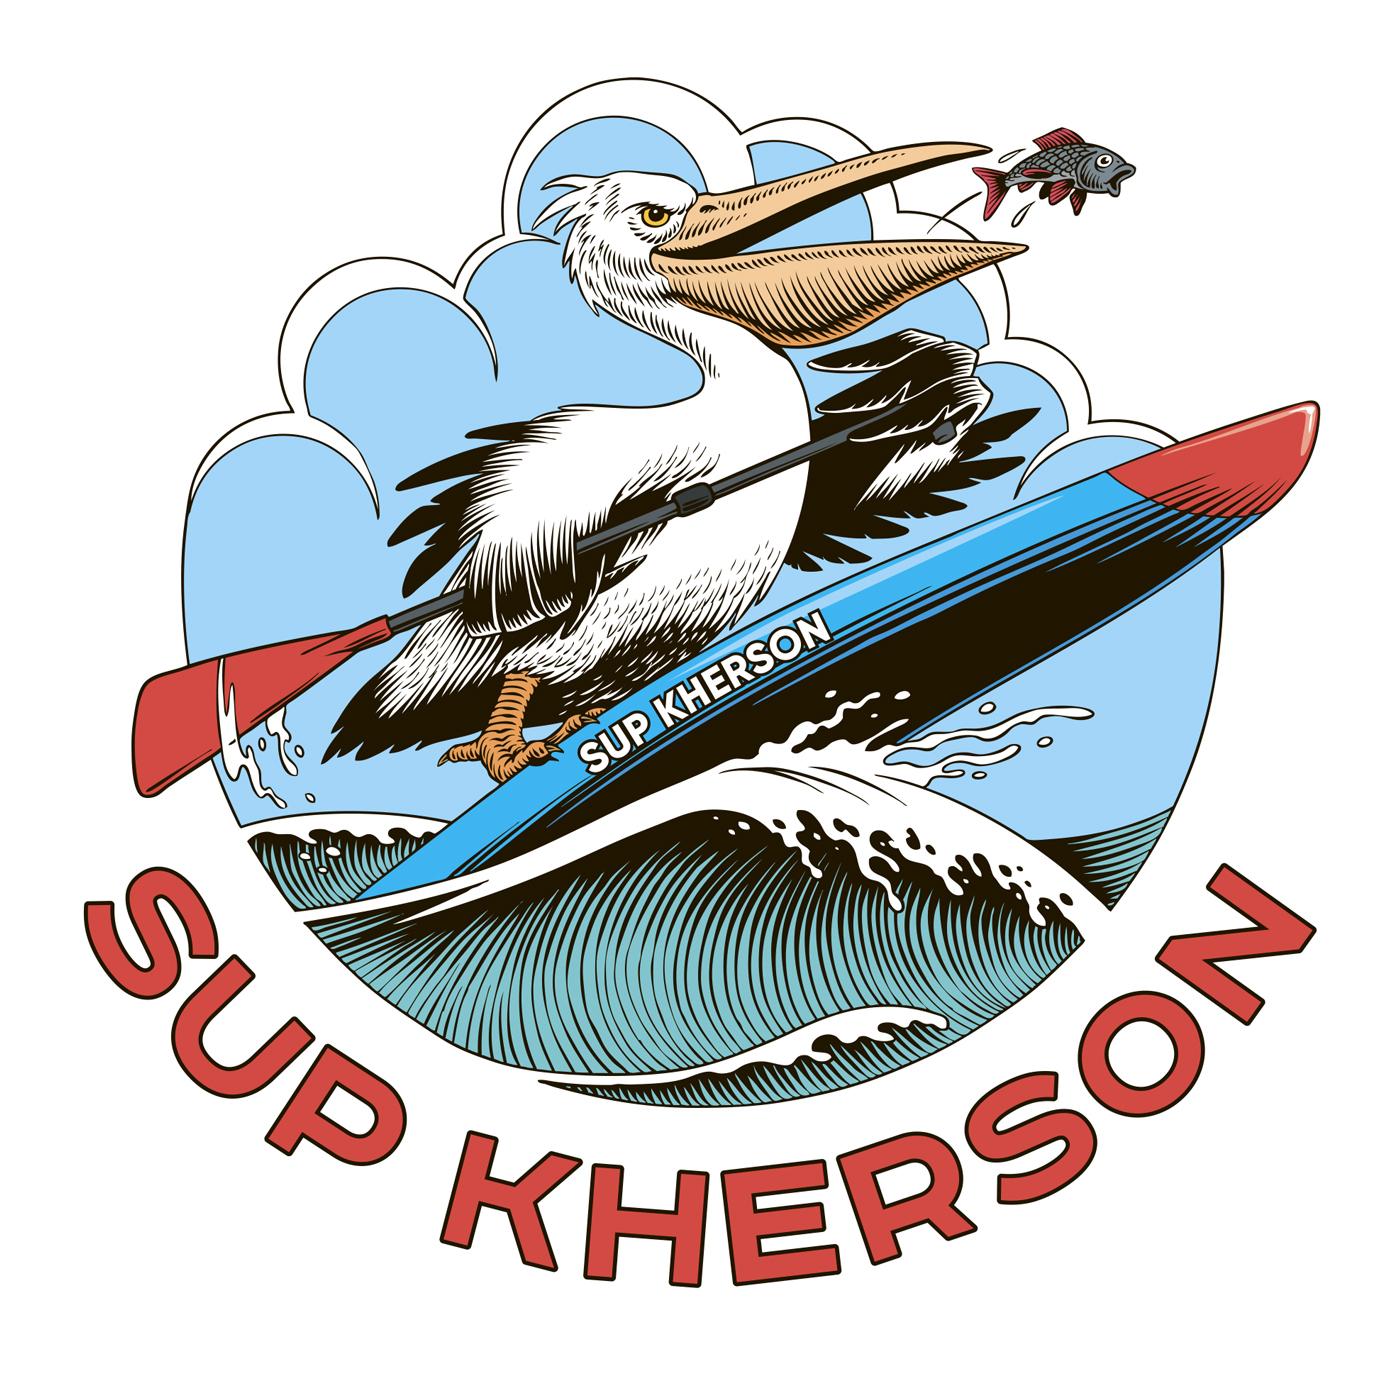 SUP_KHERSON logo design by logo designer Kovalen.com